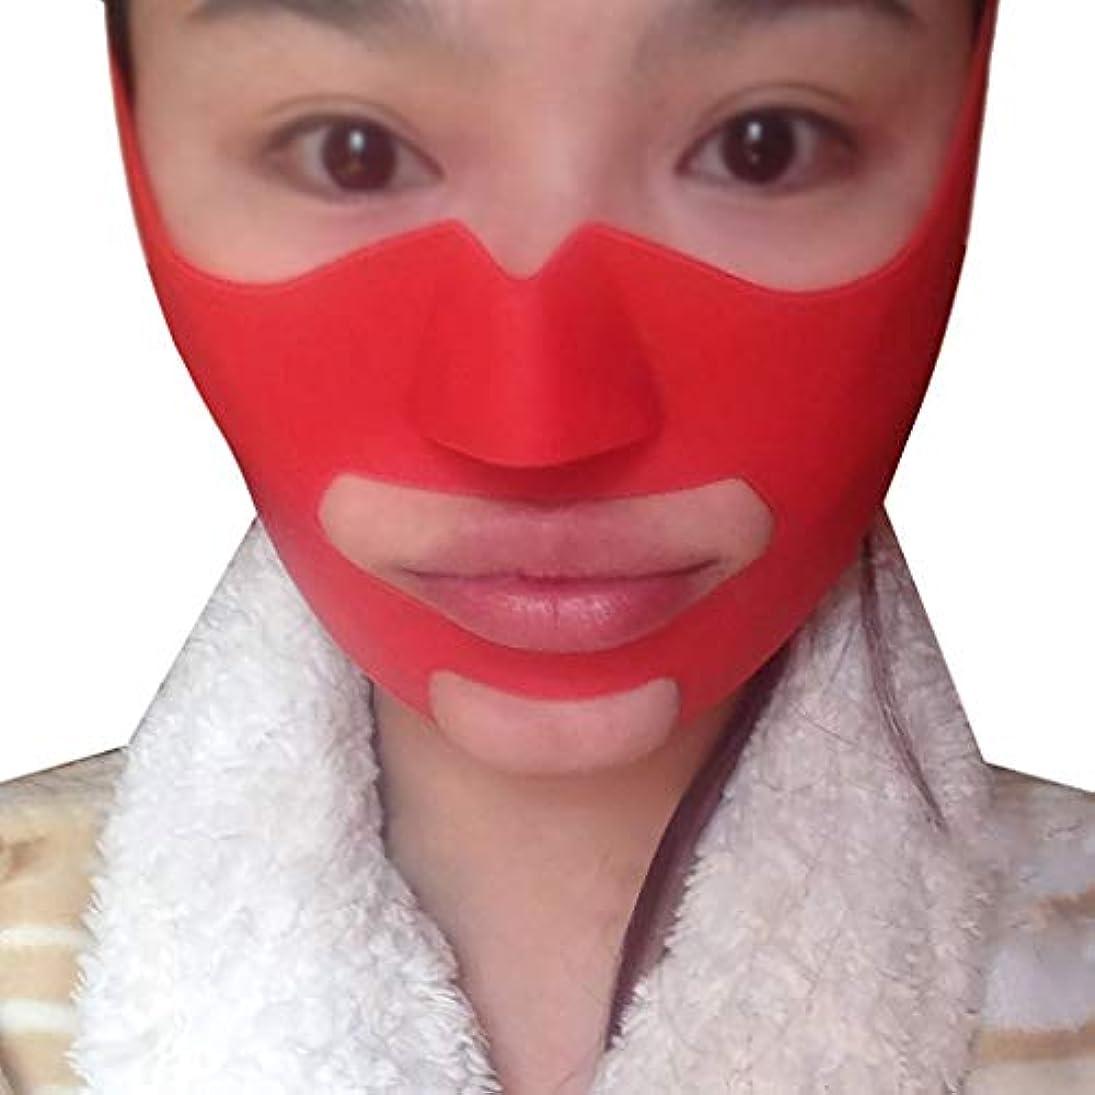 仮説拒絶する不良品GLJJQMY 薄いフェイスマスクシリコーンVマスクマスク強い痩身咬合筋肉トレーナーアップル筋肉法令パターンアーティファクト小さなVフェイス包帯薄いフェイスネックリフト 顔用整形マスク